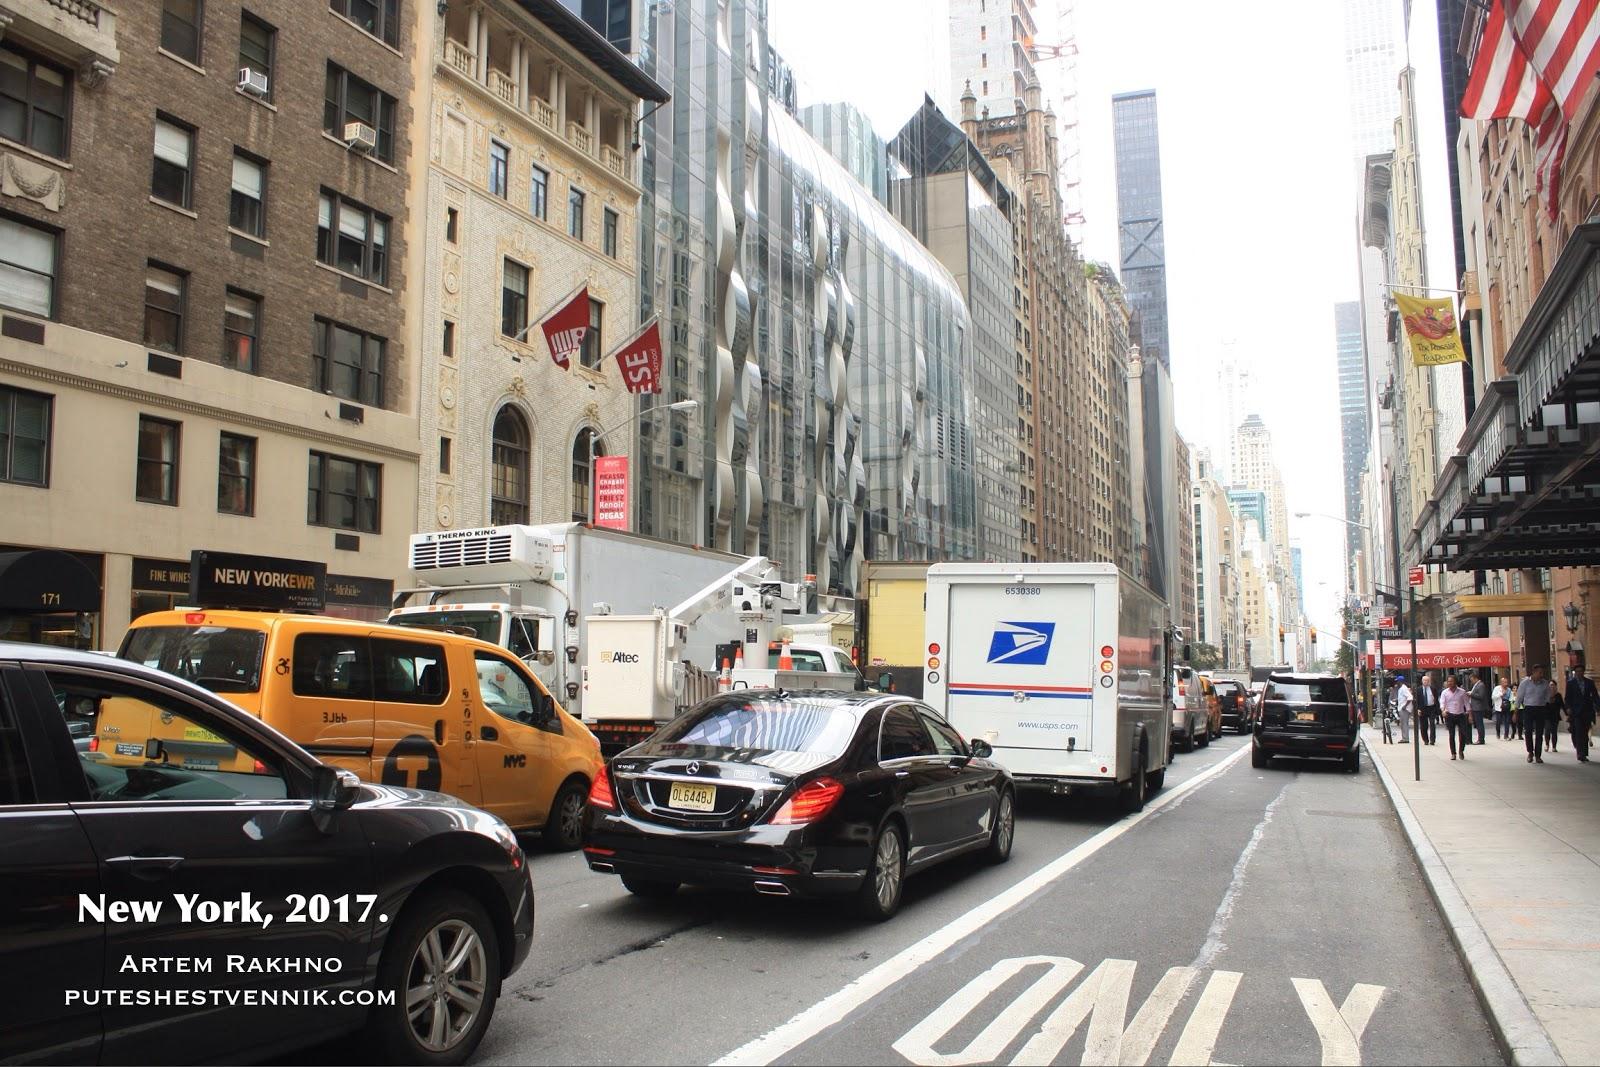 Пробка на улице в Нью-Йорке